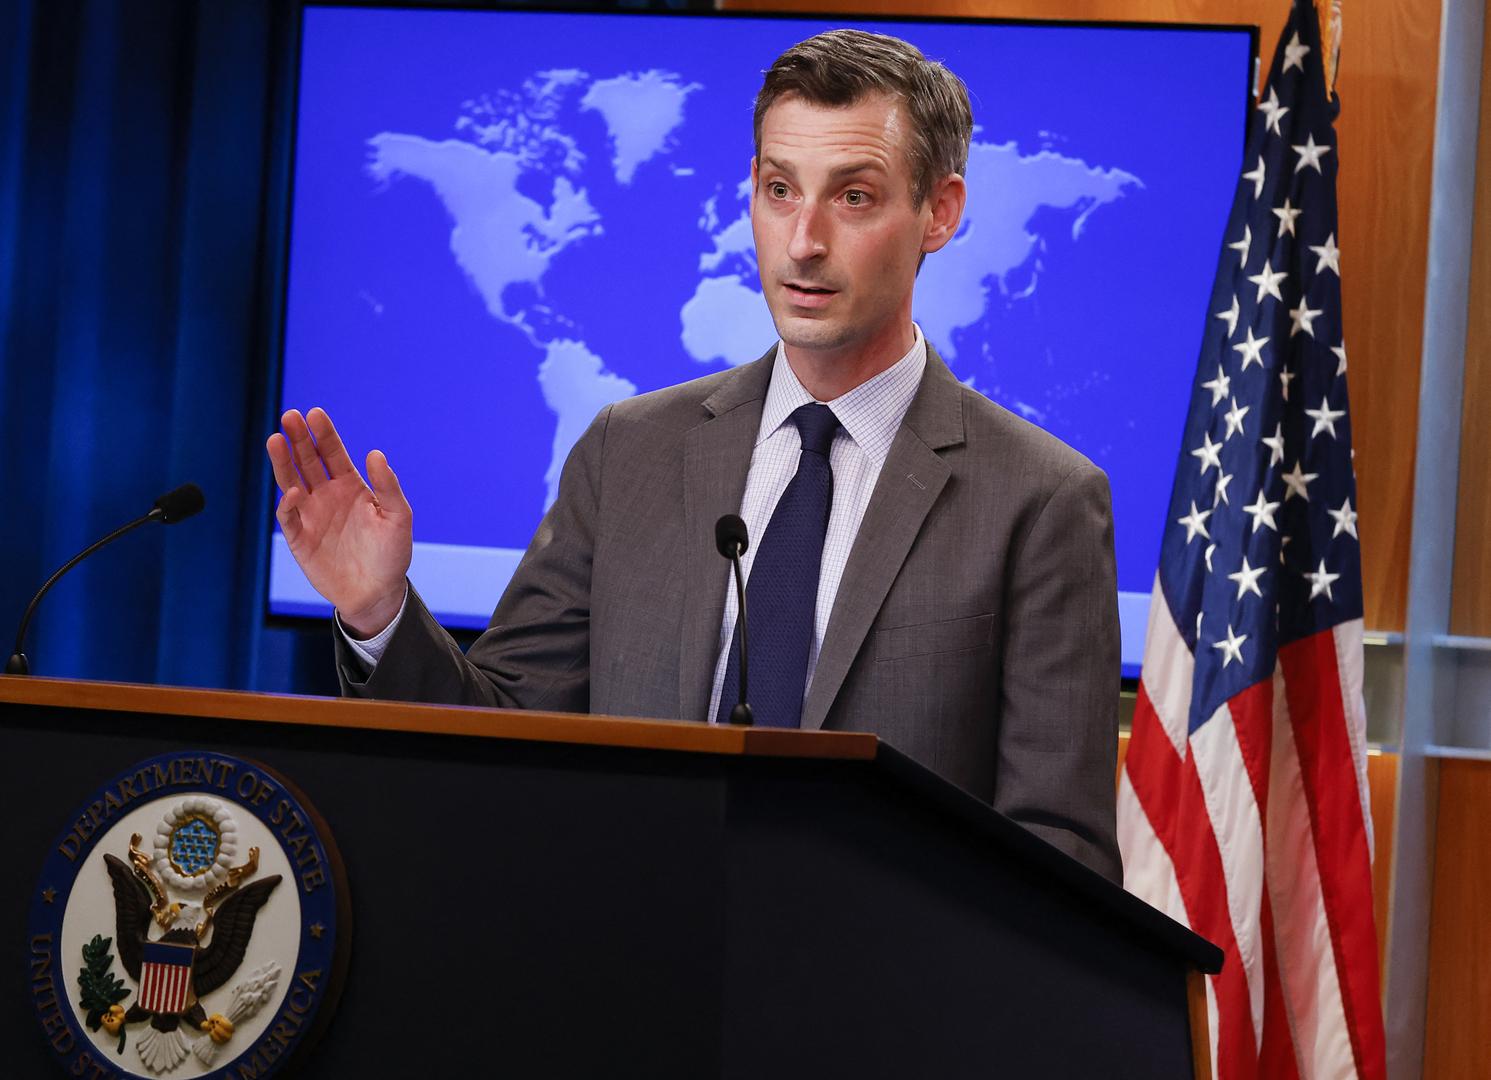 الخارجية الأمريكية: تطابق في مصالحنا ومصالح الصين بشأن كوريا الشمالية